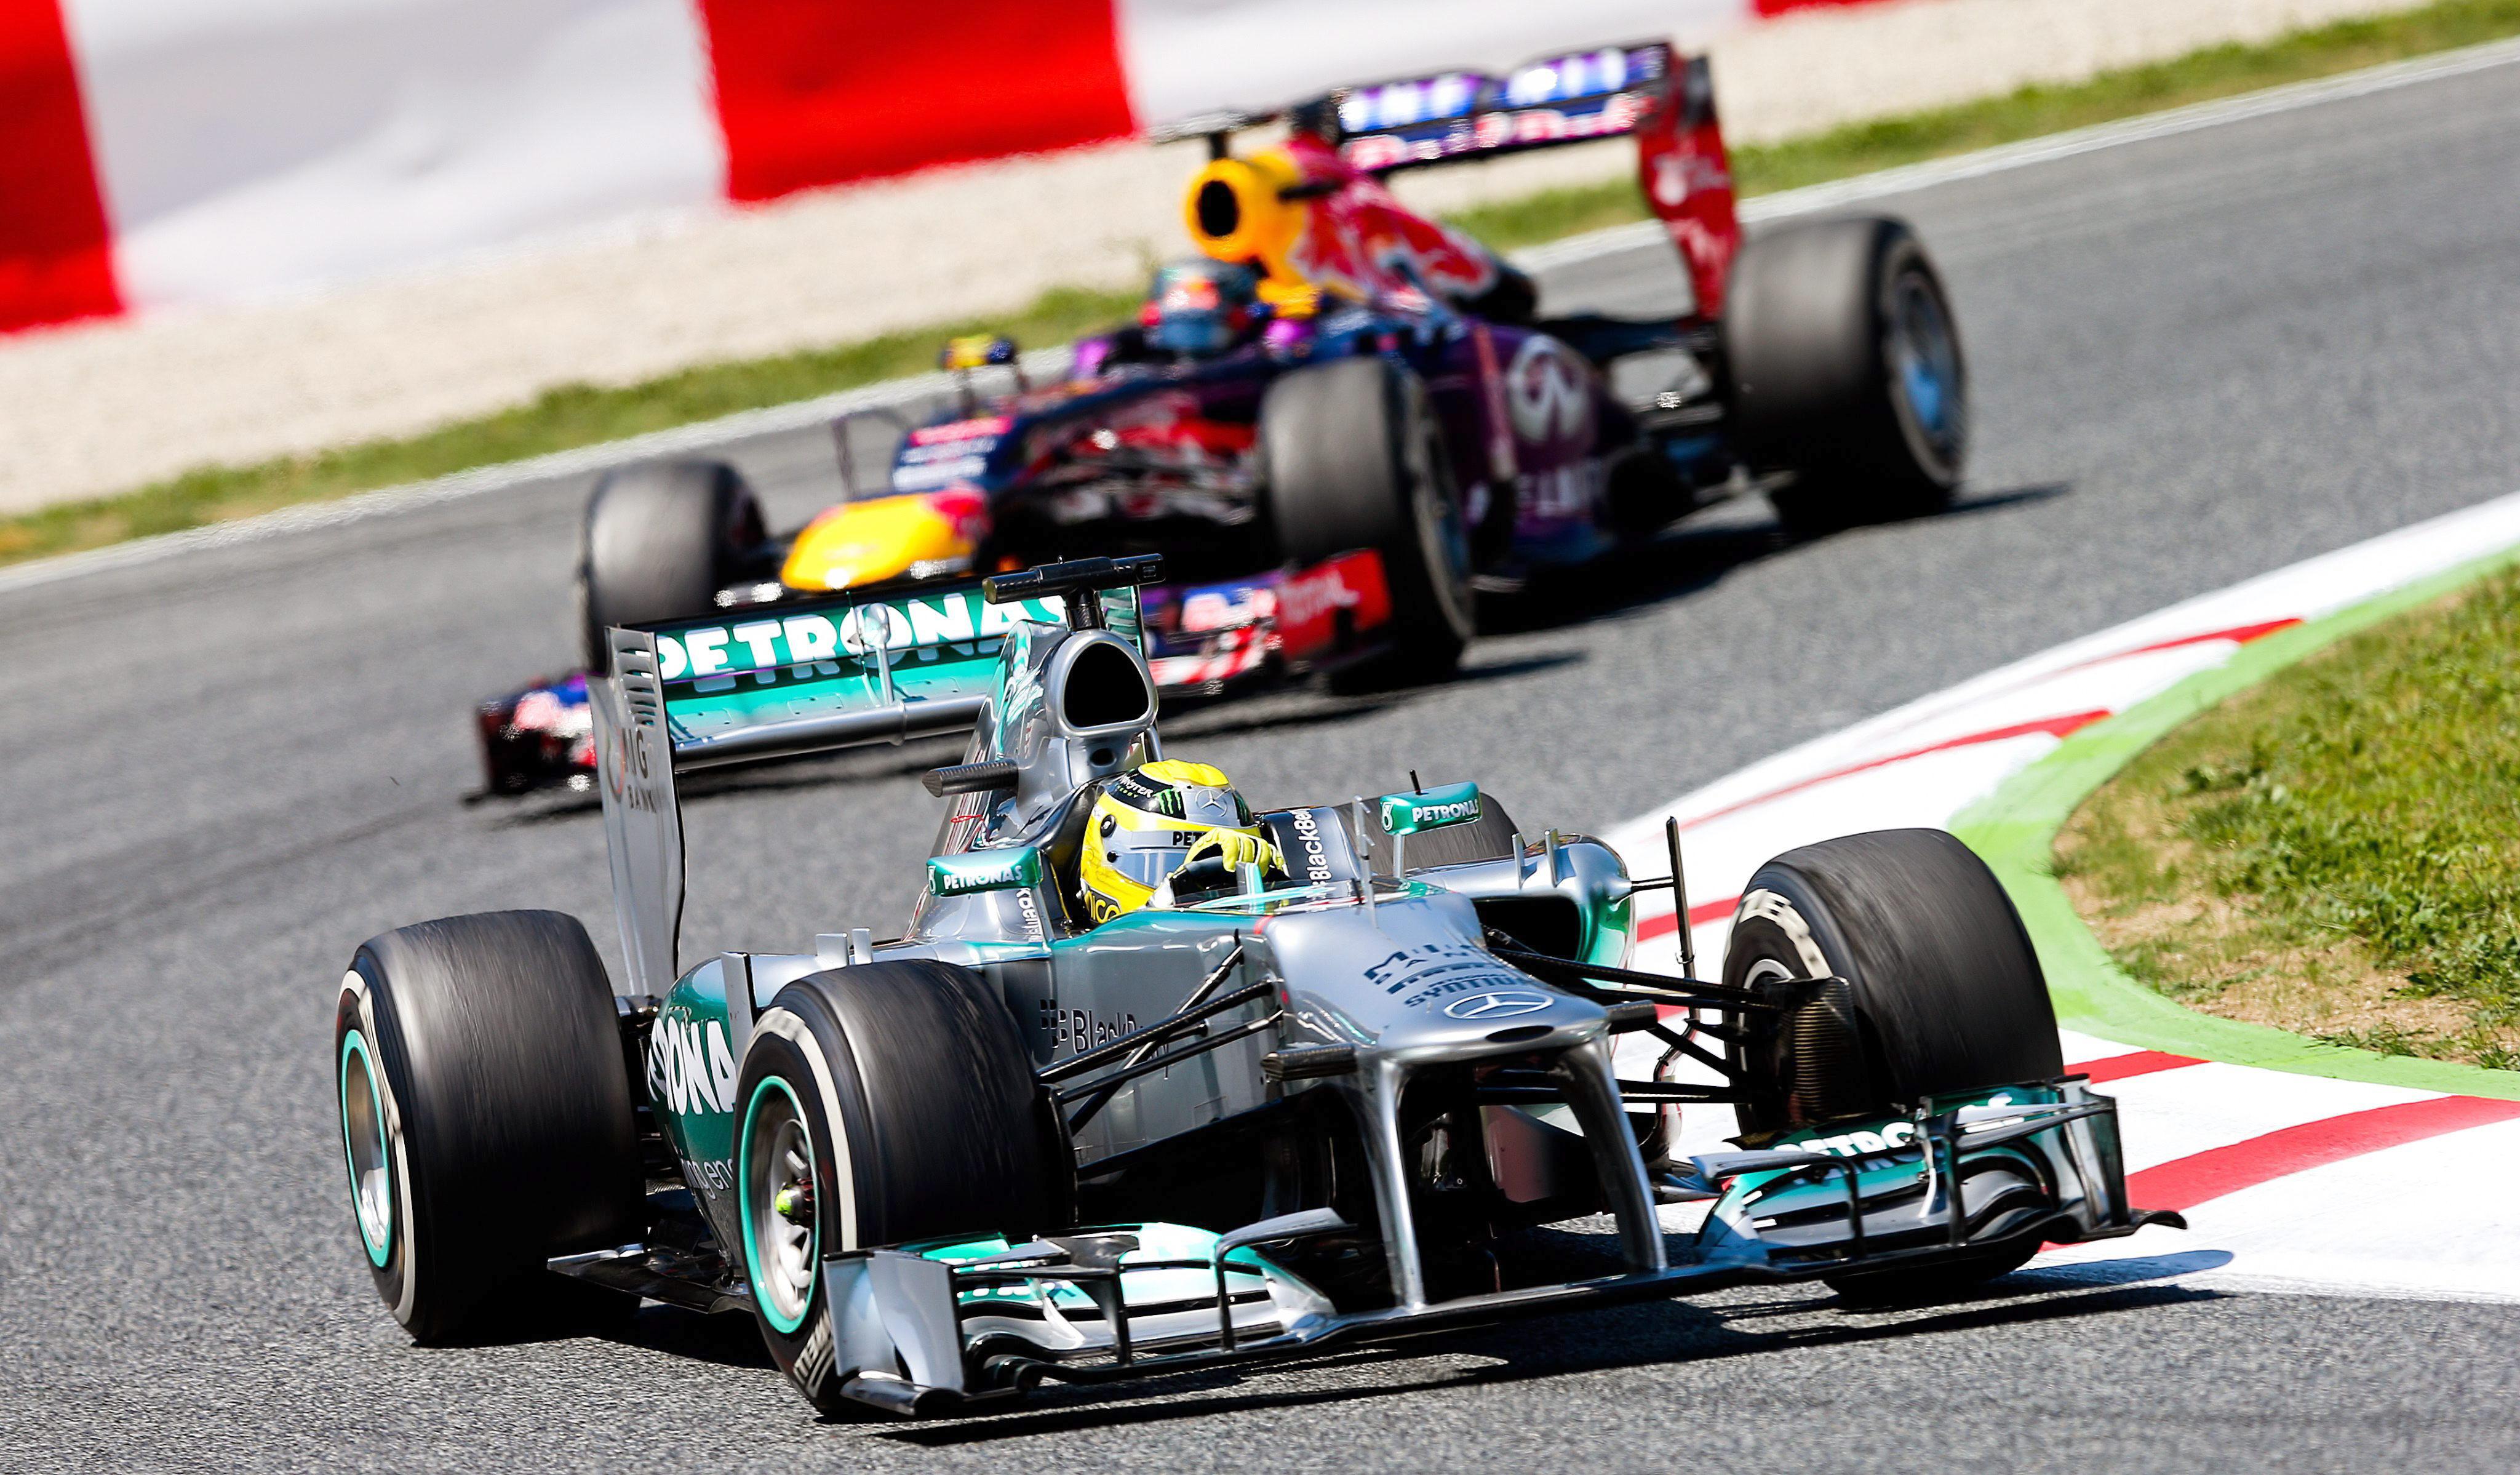 Rosberg el más rápido en tercera tanda de ensayos del GP de Gran Bretaña